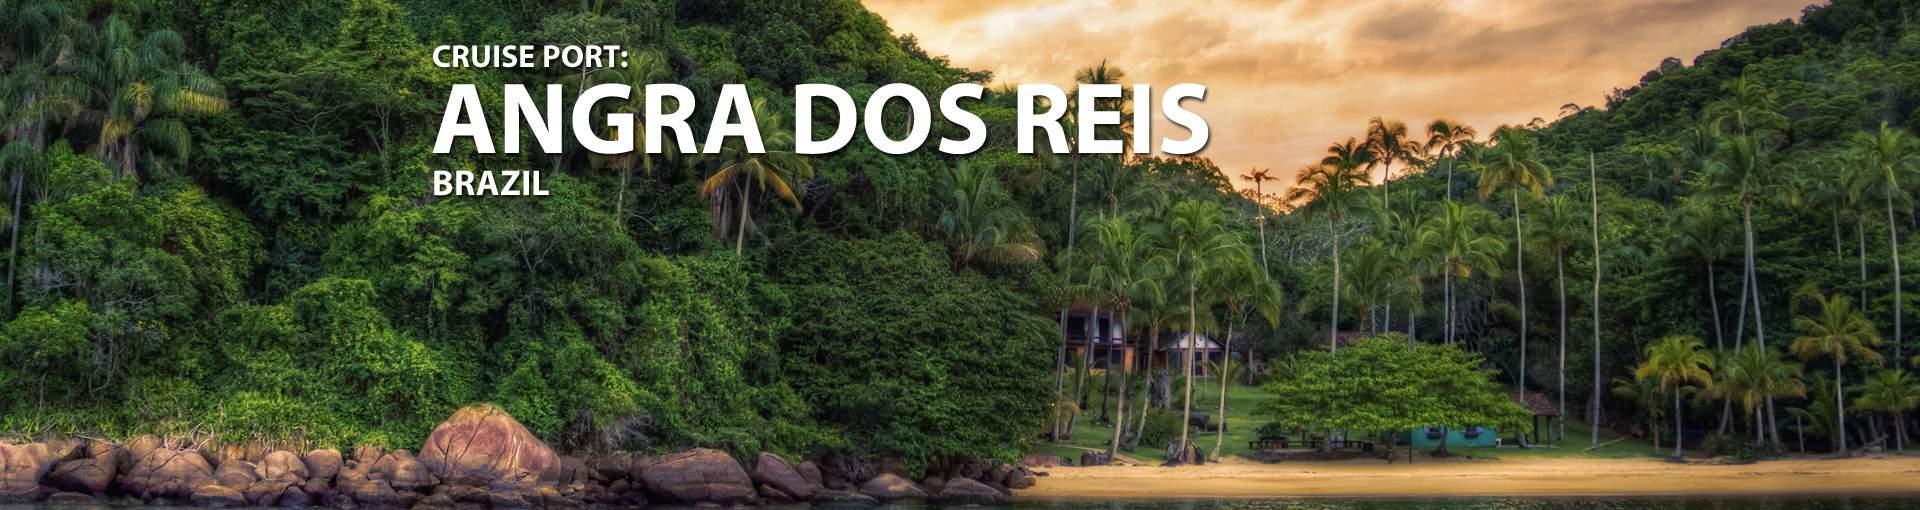 Cruises to Angra Dos Reis, Brazil